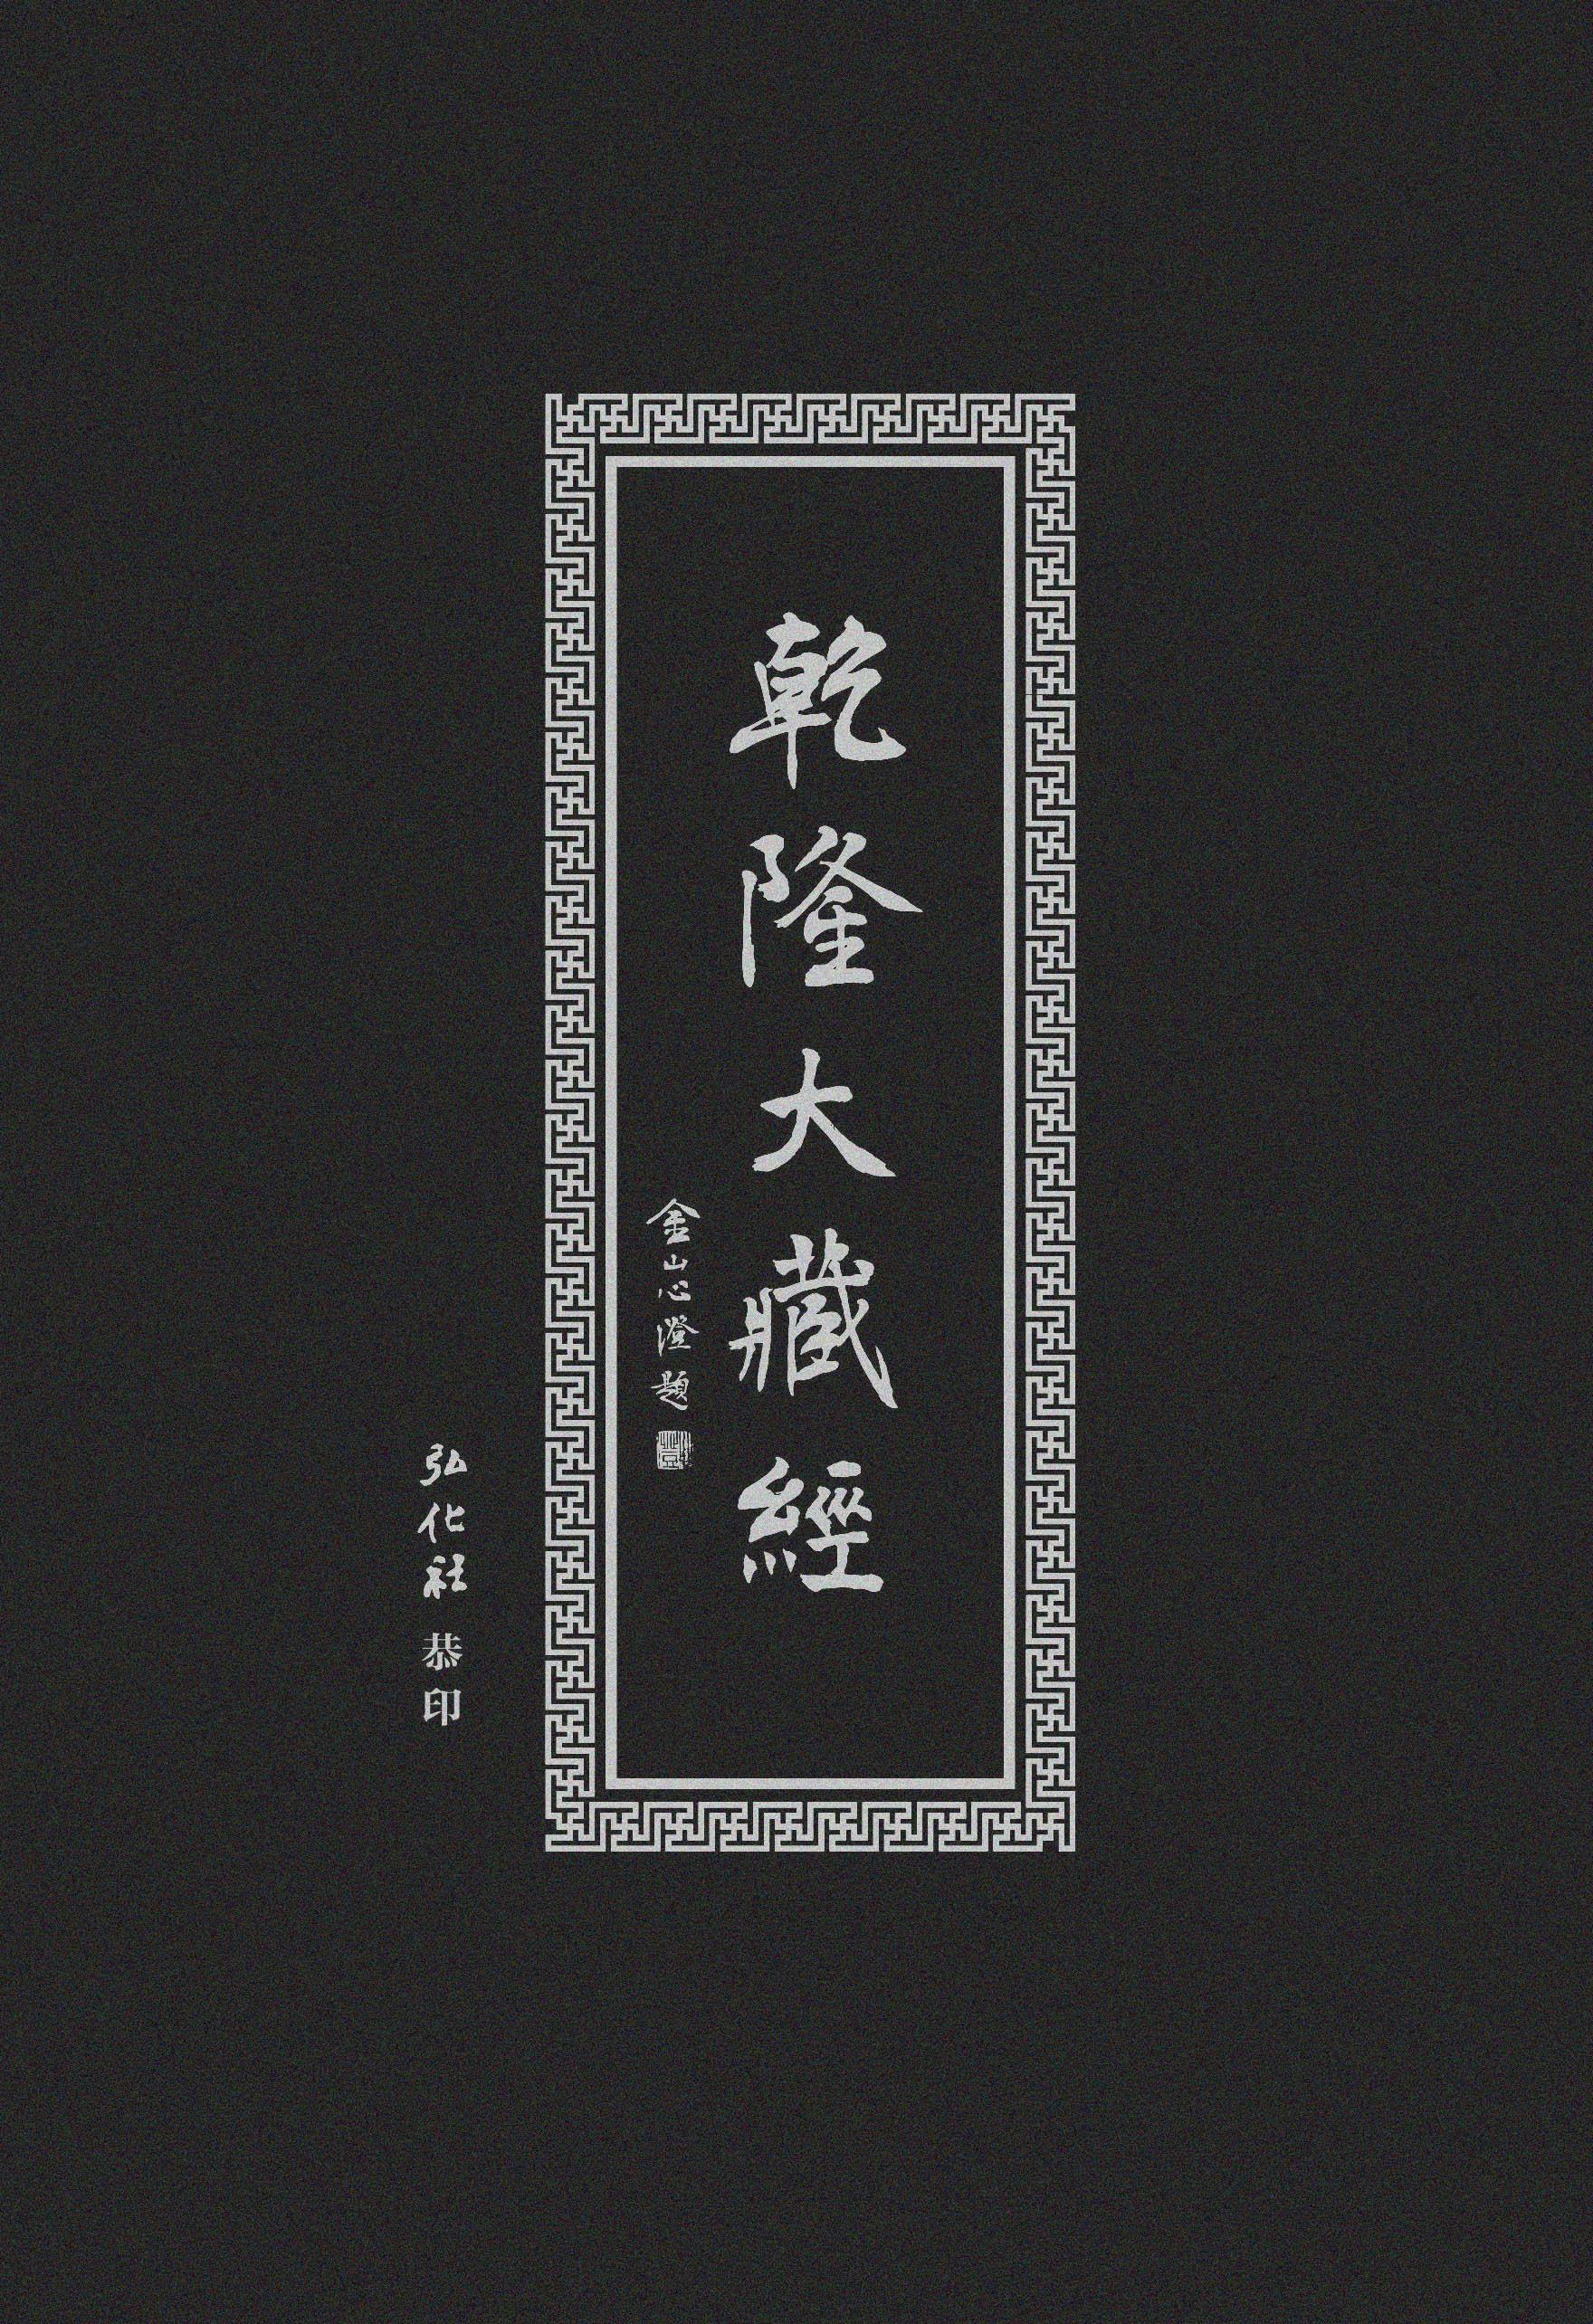 龙藏·058 002 佛说大安般守意经二卷(敬一__敬二)【后汉 安息国三藏法师安世高译】